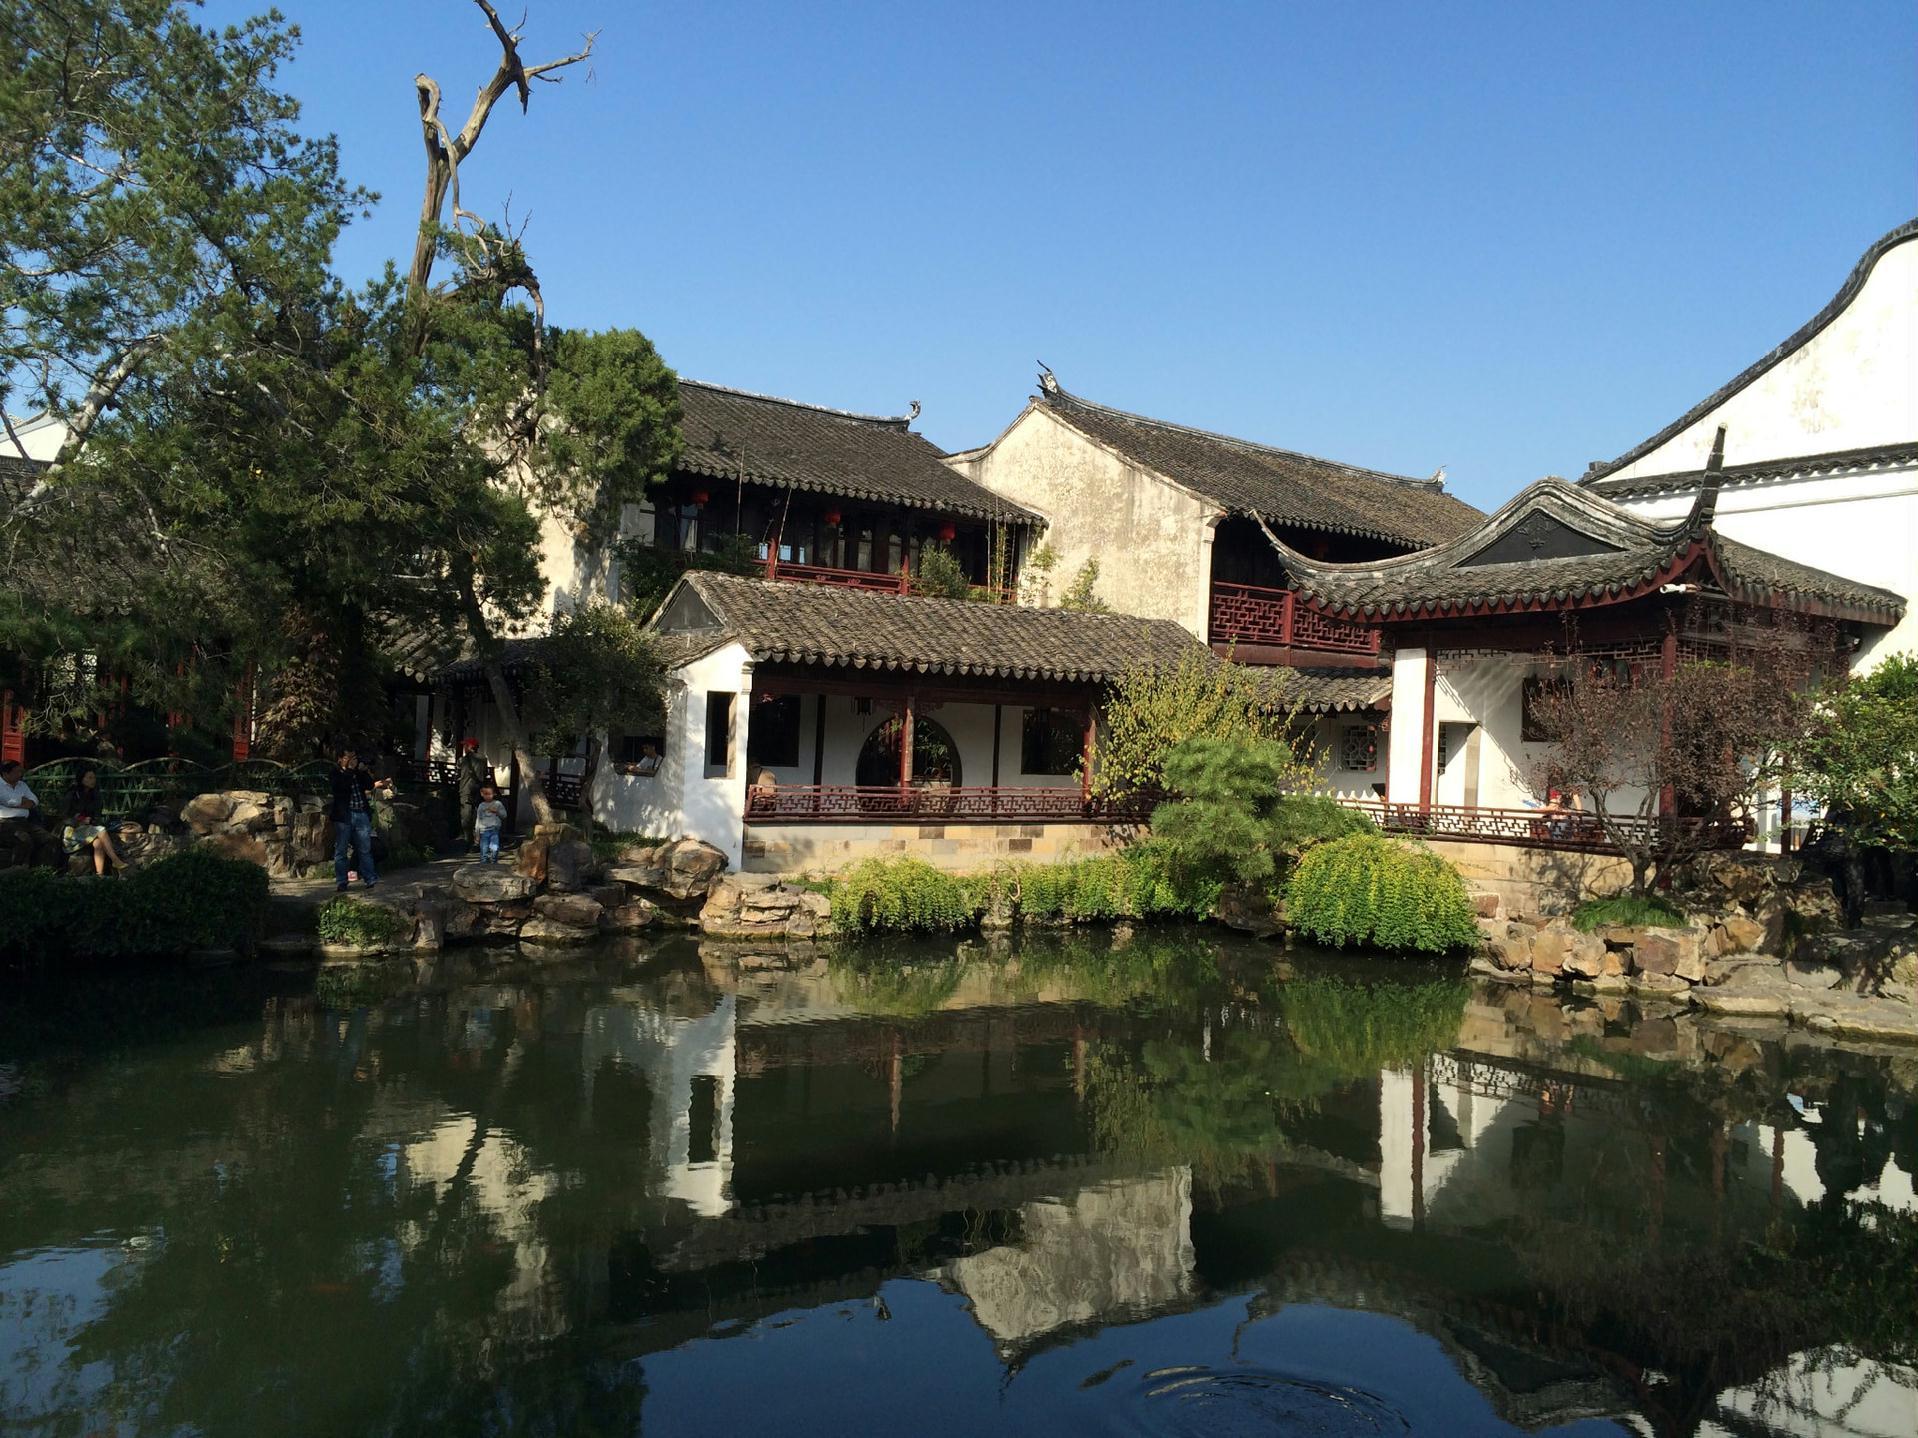 游遍天下之江苏篇:苏州博物馆